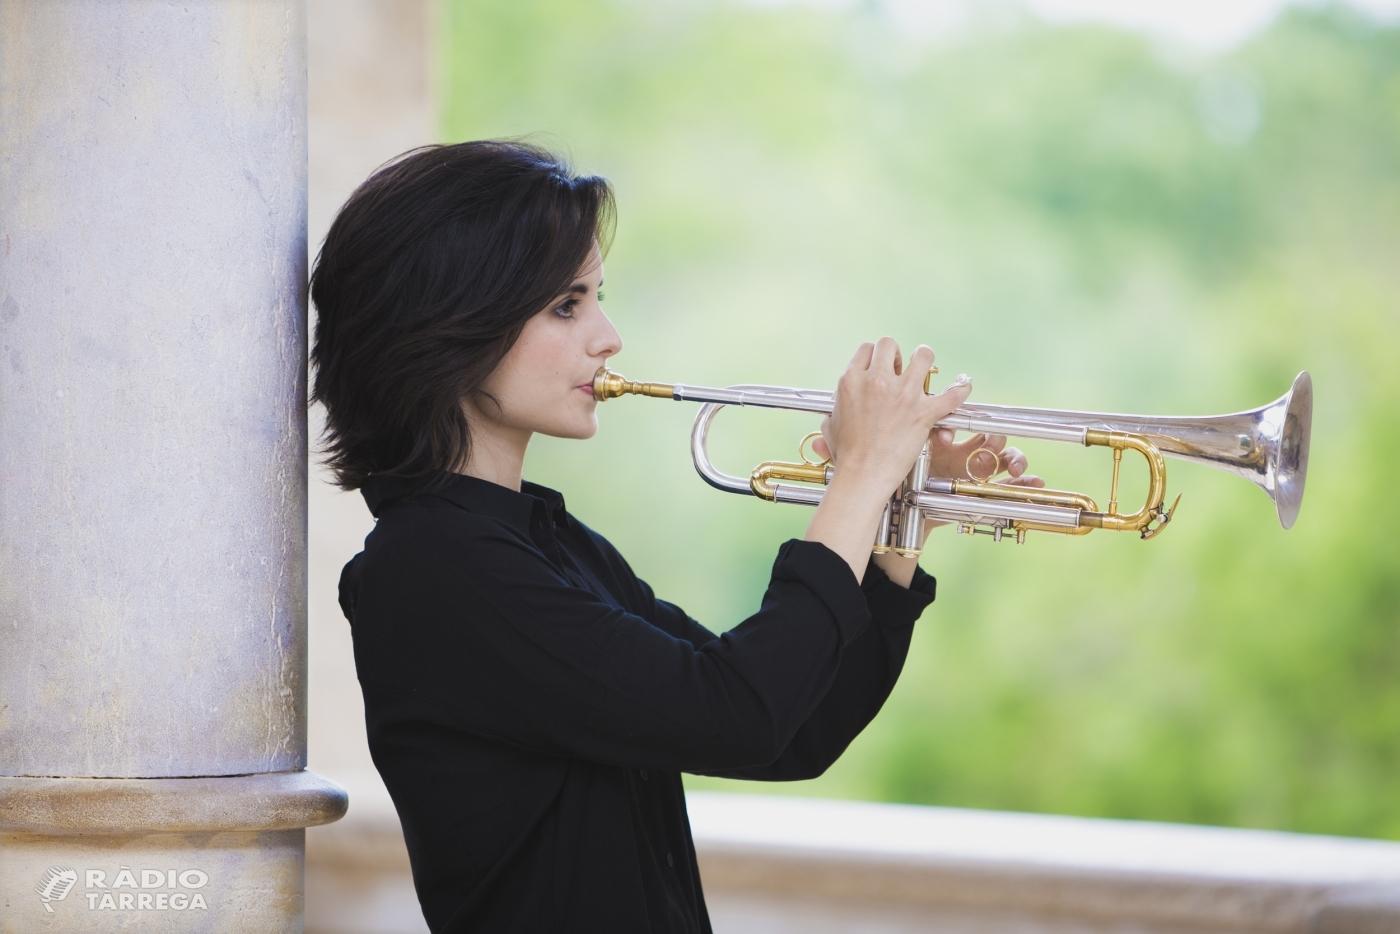 Andrea Motis, revelació del jazz català, portarà el diumenge 14 d'abril a Tàrrega els temes del seu primer àlbum, Emotional dance